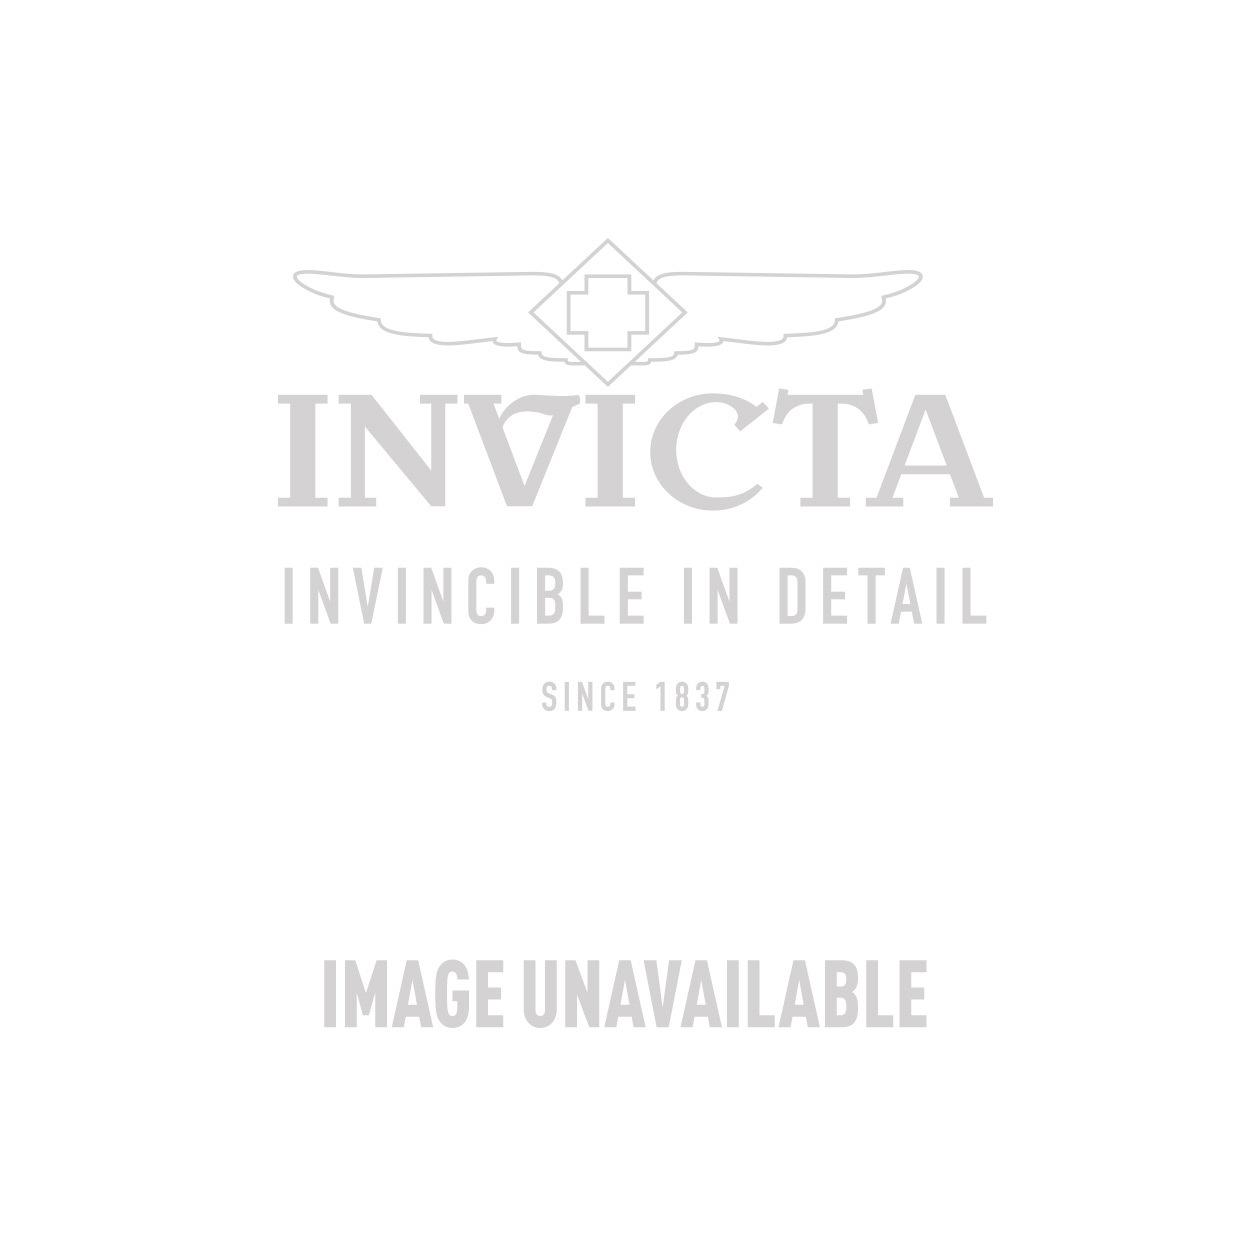 Invicta Model 21659